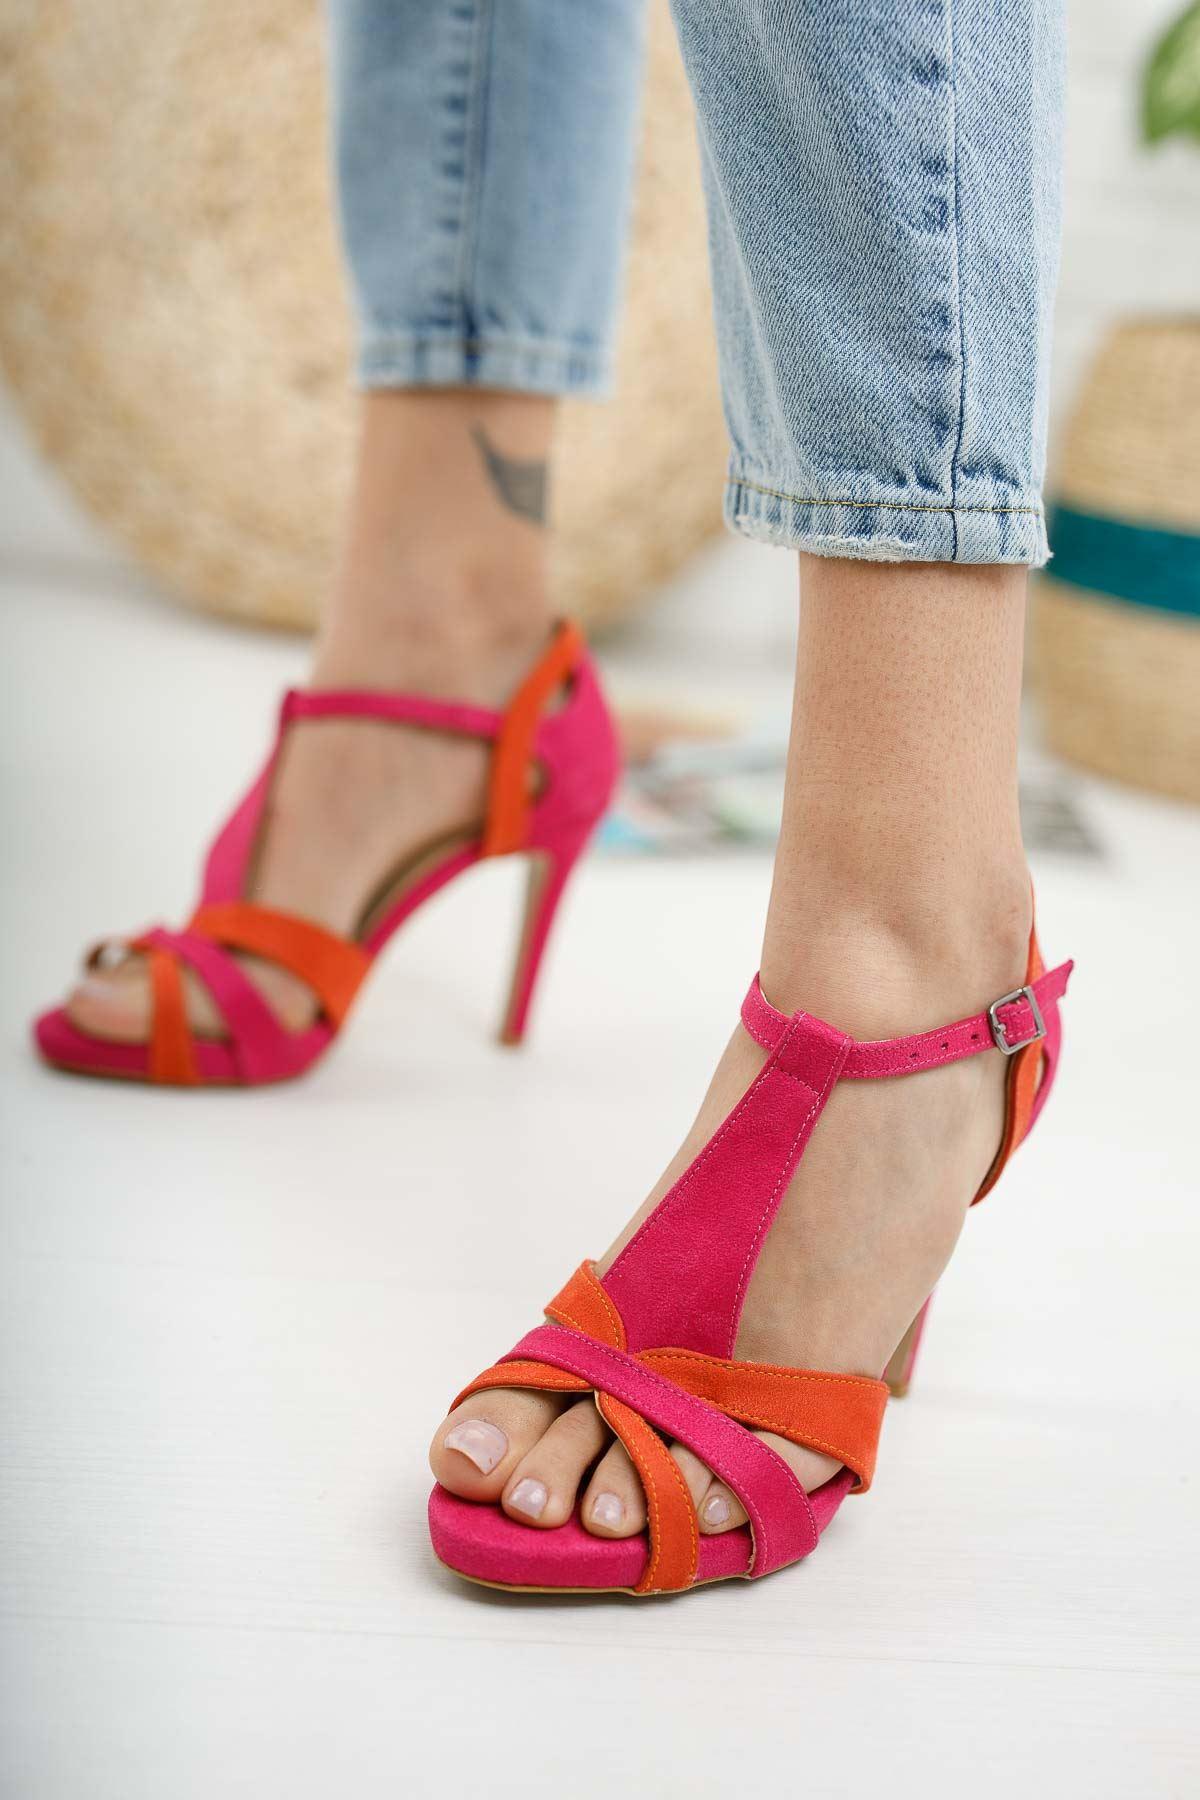 Detras Fuşya Turuncu Süet Topuklu Kadın Ayakkabı